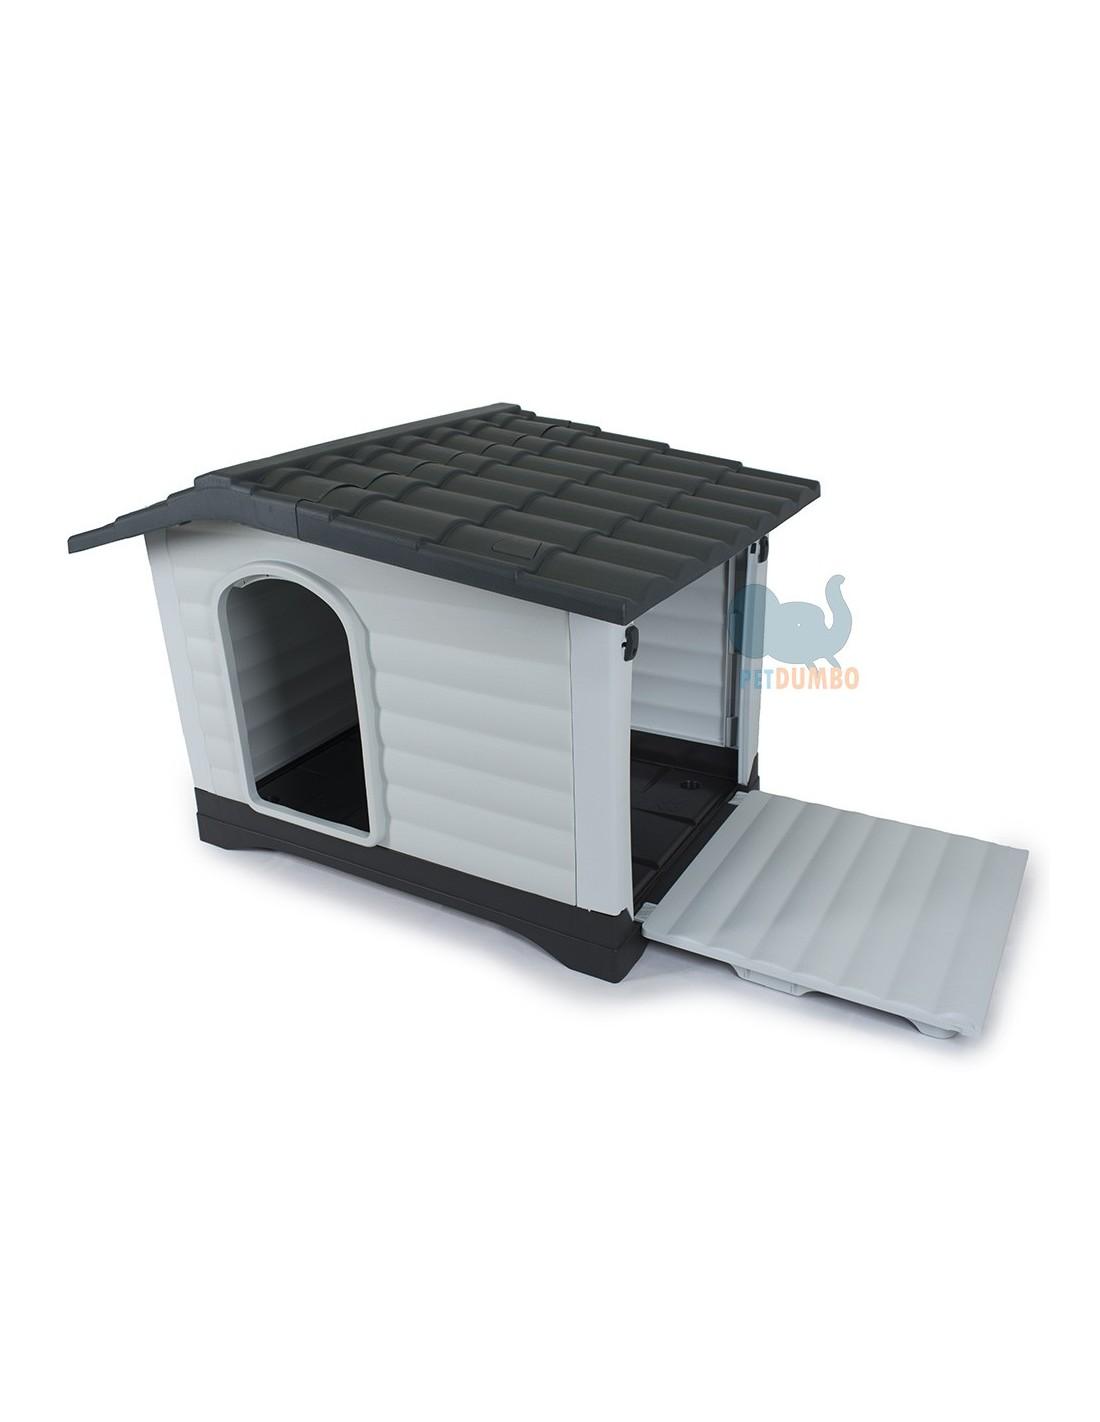 Casette Per Cani In Plastica.Cuccia Per Cani Xl Realizzata In Pvc Ad Alta Resistenza